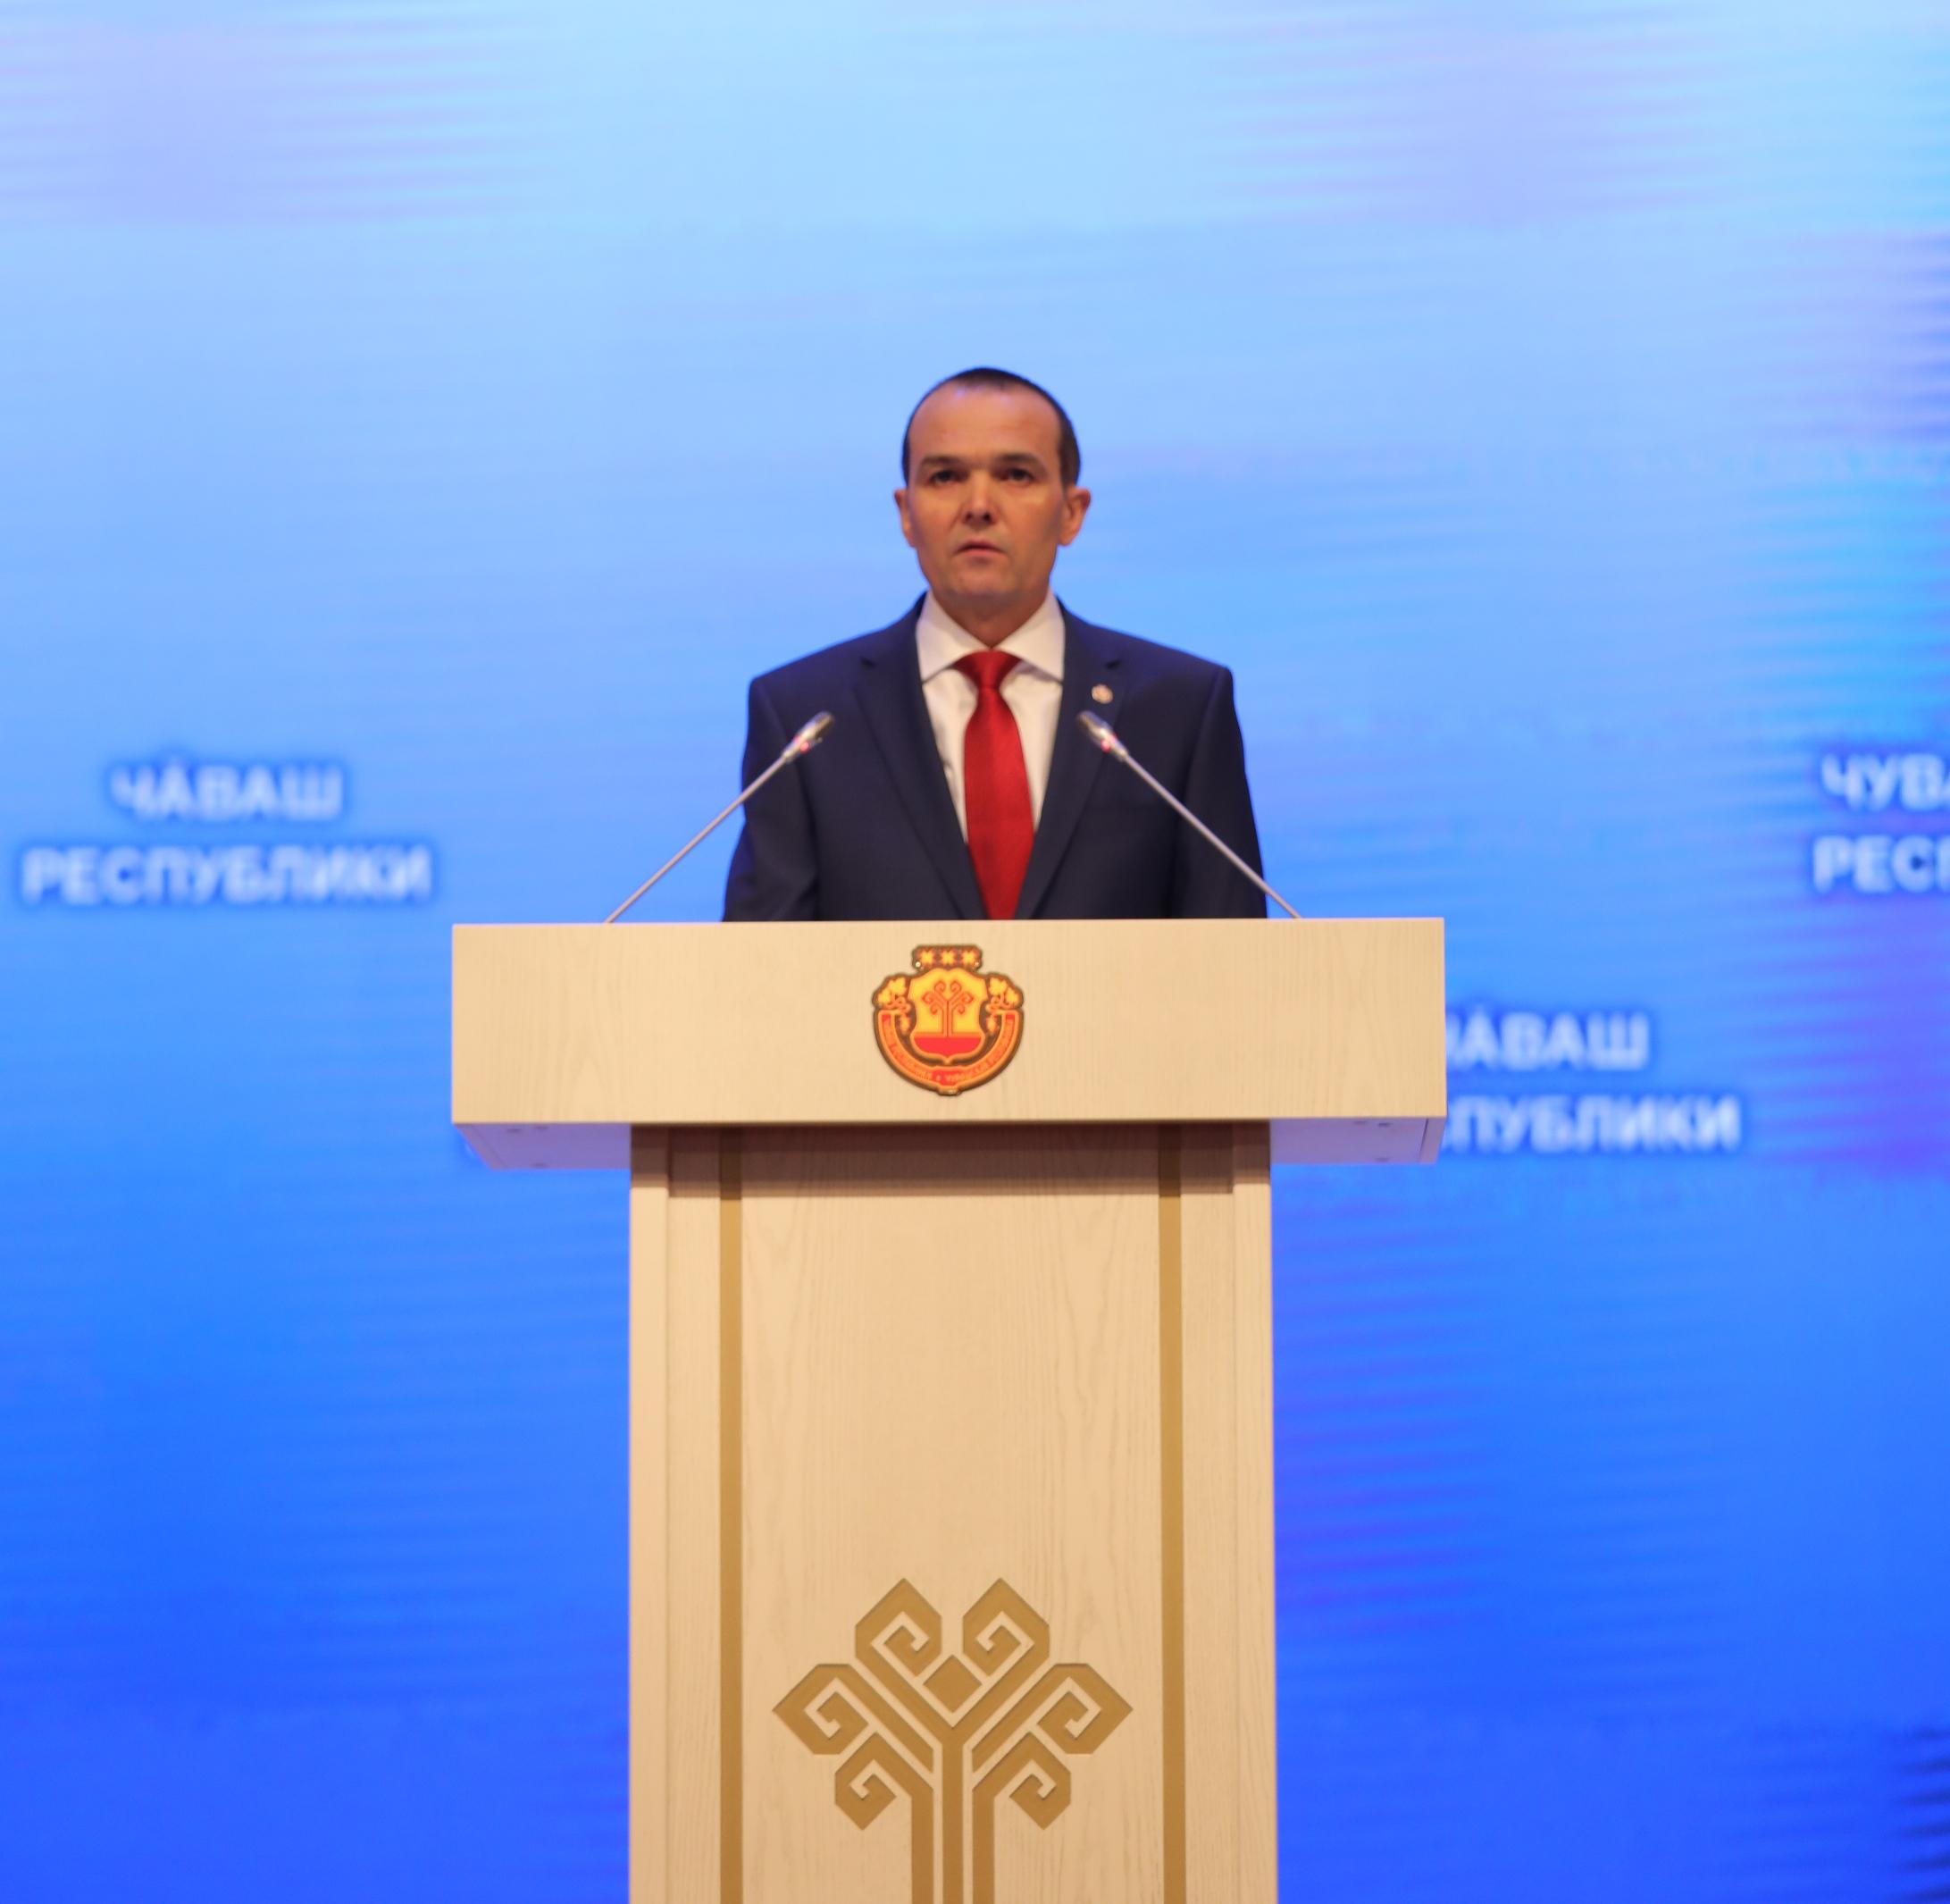 28 января 2020 года – Послание Главы Чувашской Республики Государственному Совету Чувашской Республики